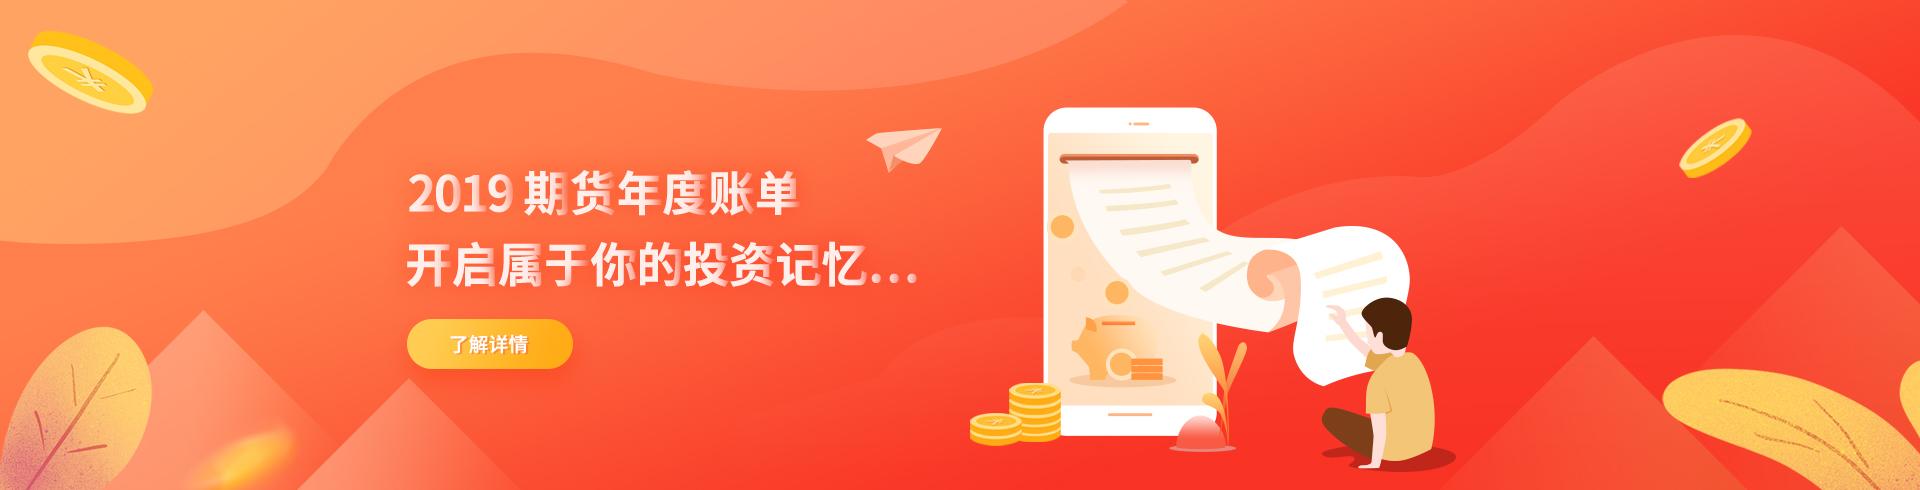 投资江湖-年度账单